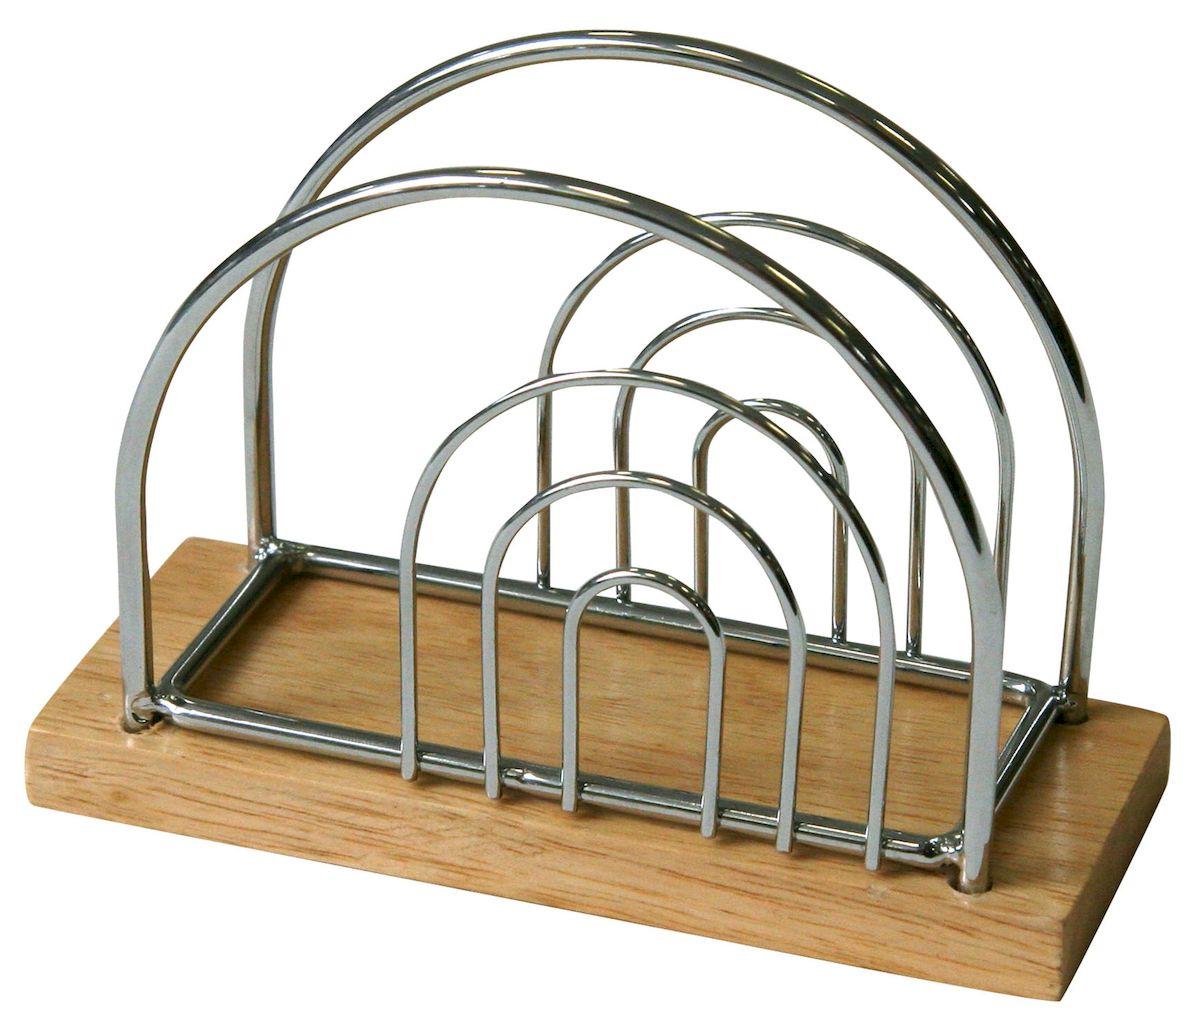 Салфетница Axentia Top Star, 13 х 9,5 см224784Салфетница Axentia Top Star изготовлена из высококачественной хромированной стали и дерева. Эксклюзивный дизайн, эстетичность и функциональность сделают ее красивым дополнением сервировки стола и полезным приобретением для вашей кухни. Изделие можно мыть в посудомоечной машине.Размеры: 13 х 9,5 см.